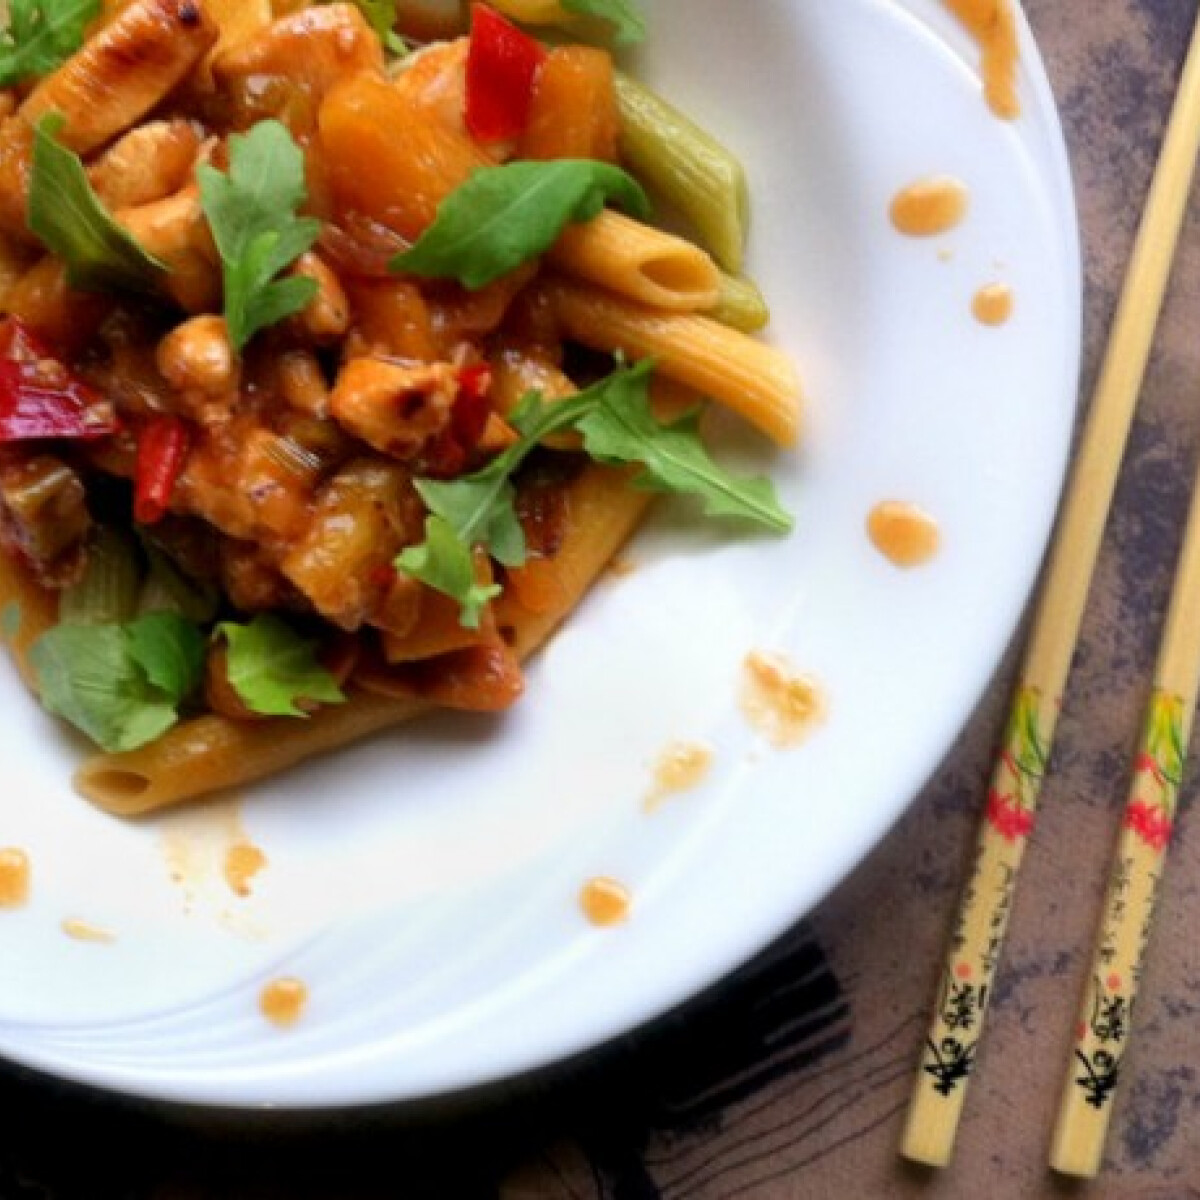 Ezen a képen: Kínai ananászos csirke tésztával